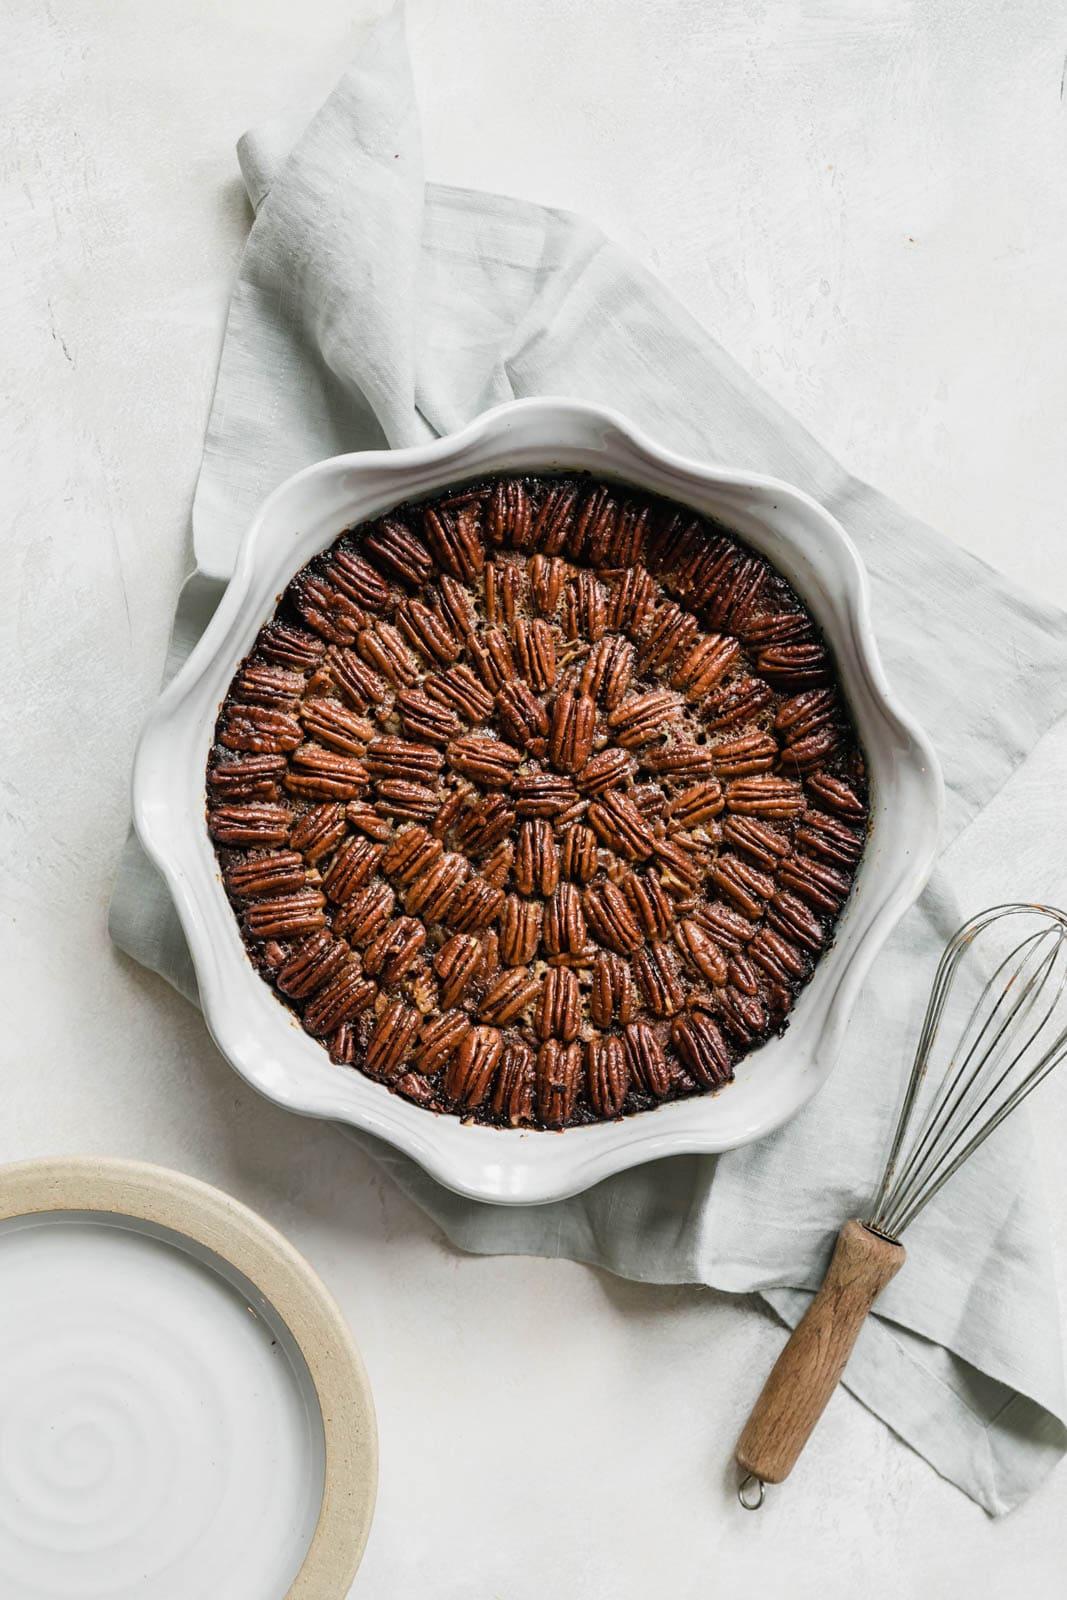 Brownie Pecan Pie in pie plate